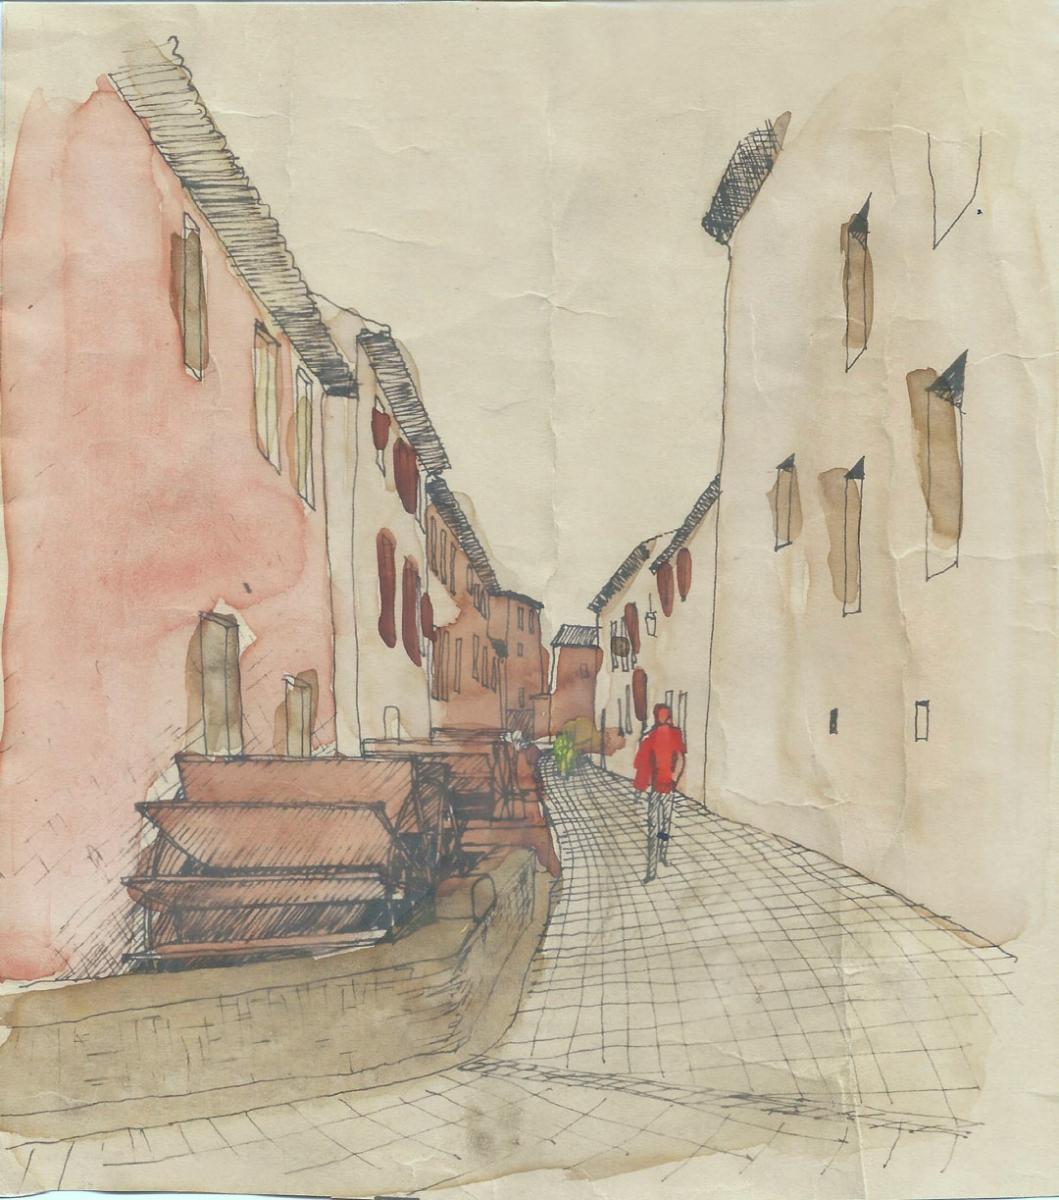 rue Theophile Jean (ou rue des roues)